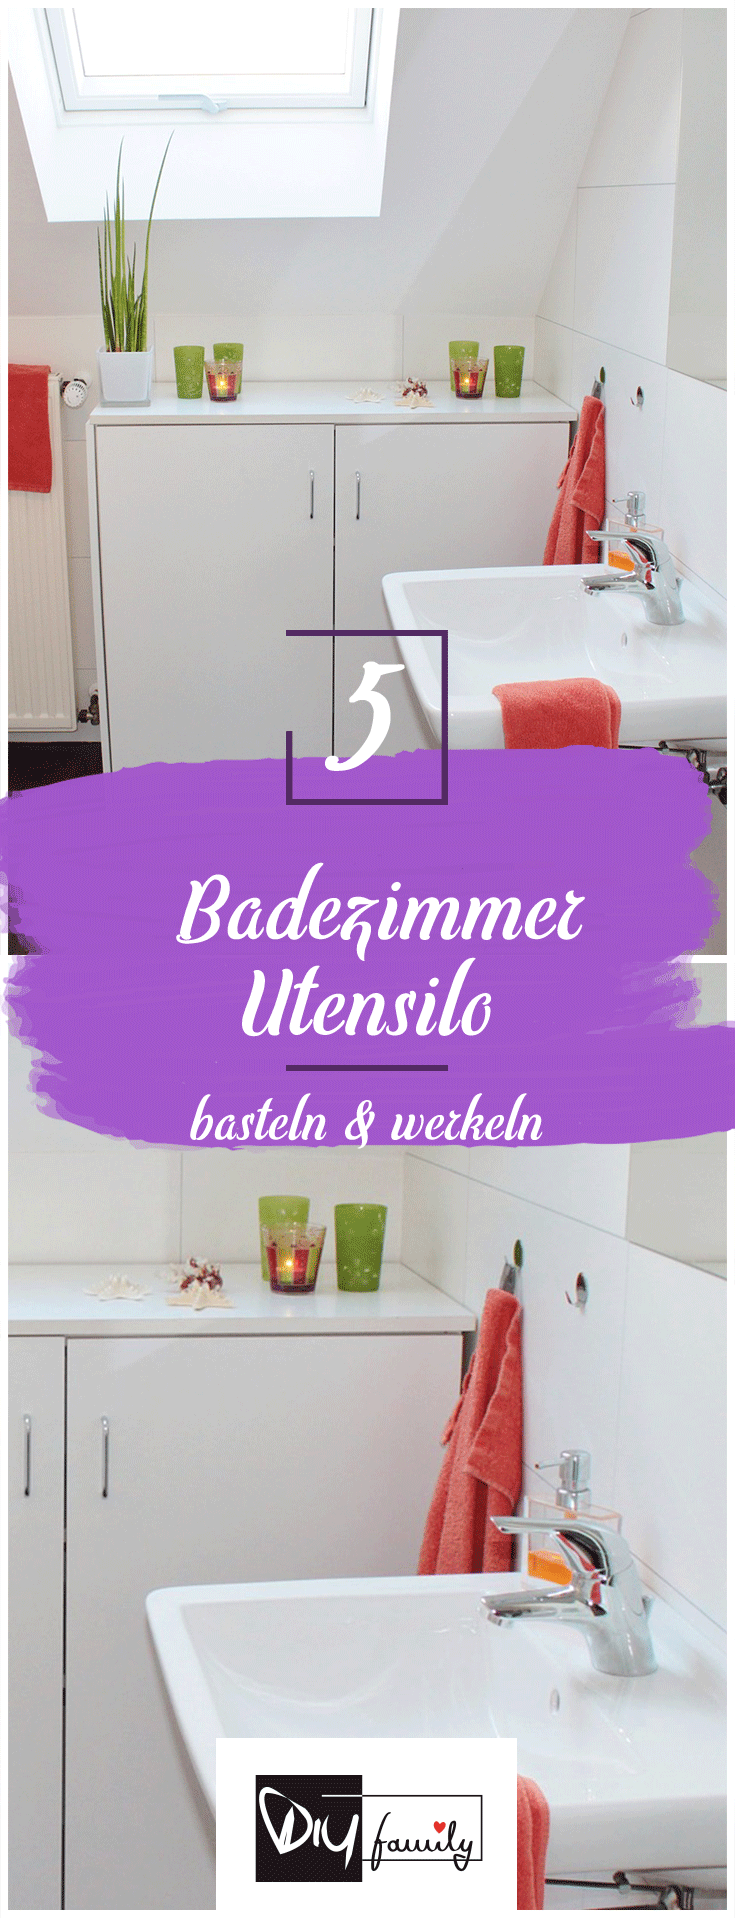 Badezimmer dekor bastelideen pin by diyfamily ideen fürs nähen basteln und vieles mehr on